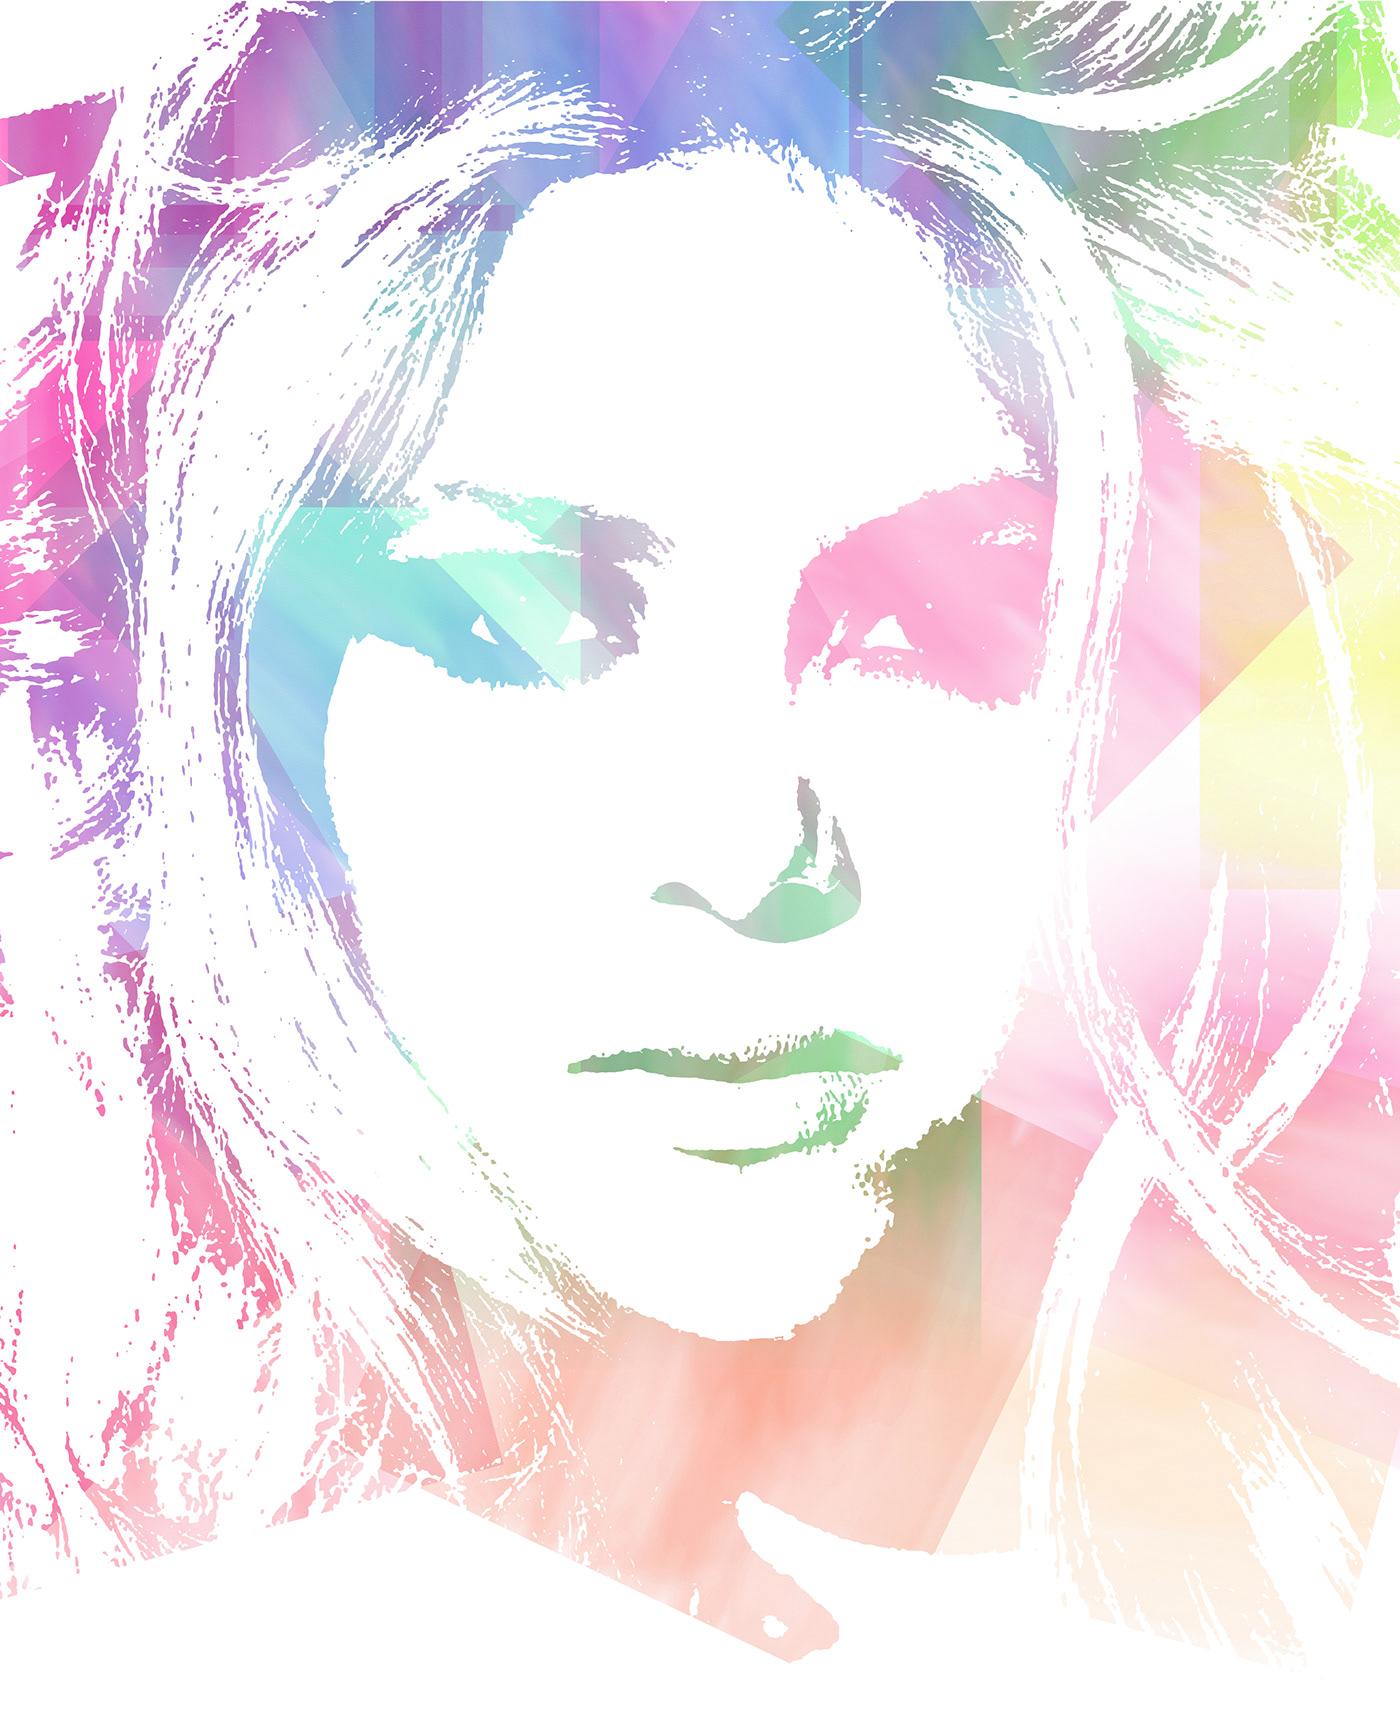 photoshop ritocco shakira musica illustrazioni disegno effetti filtri